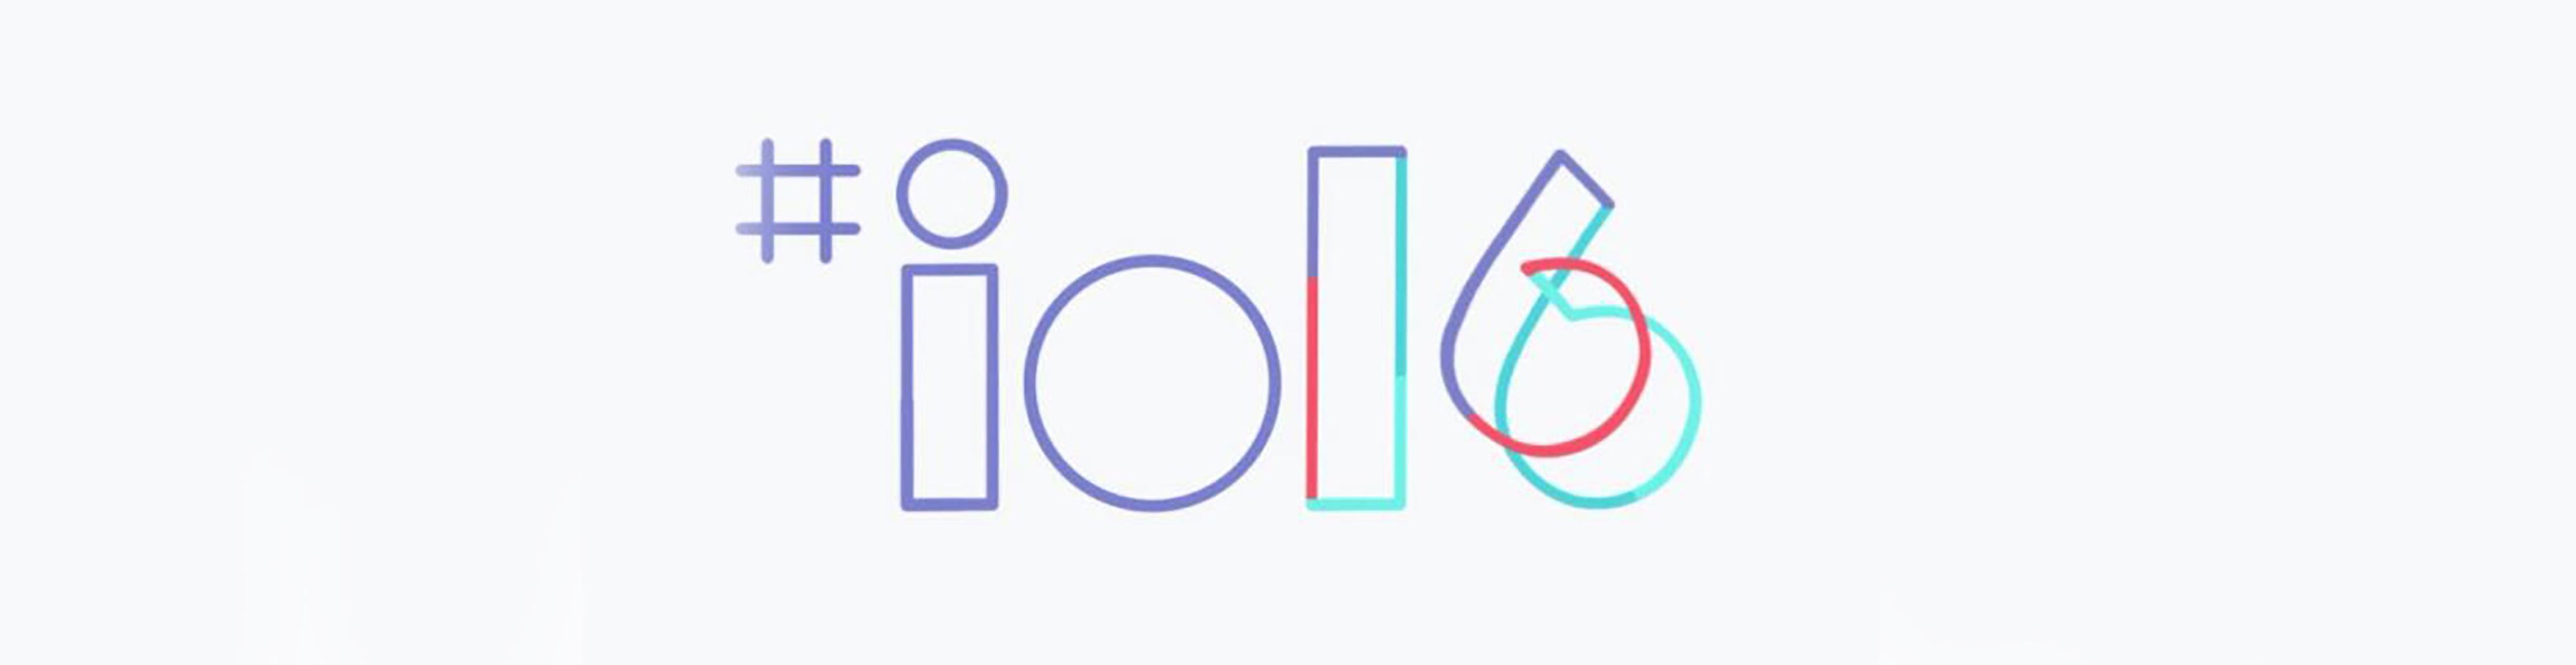 安卓N到临,谷歌I/O 2016开发者大会汇总